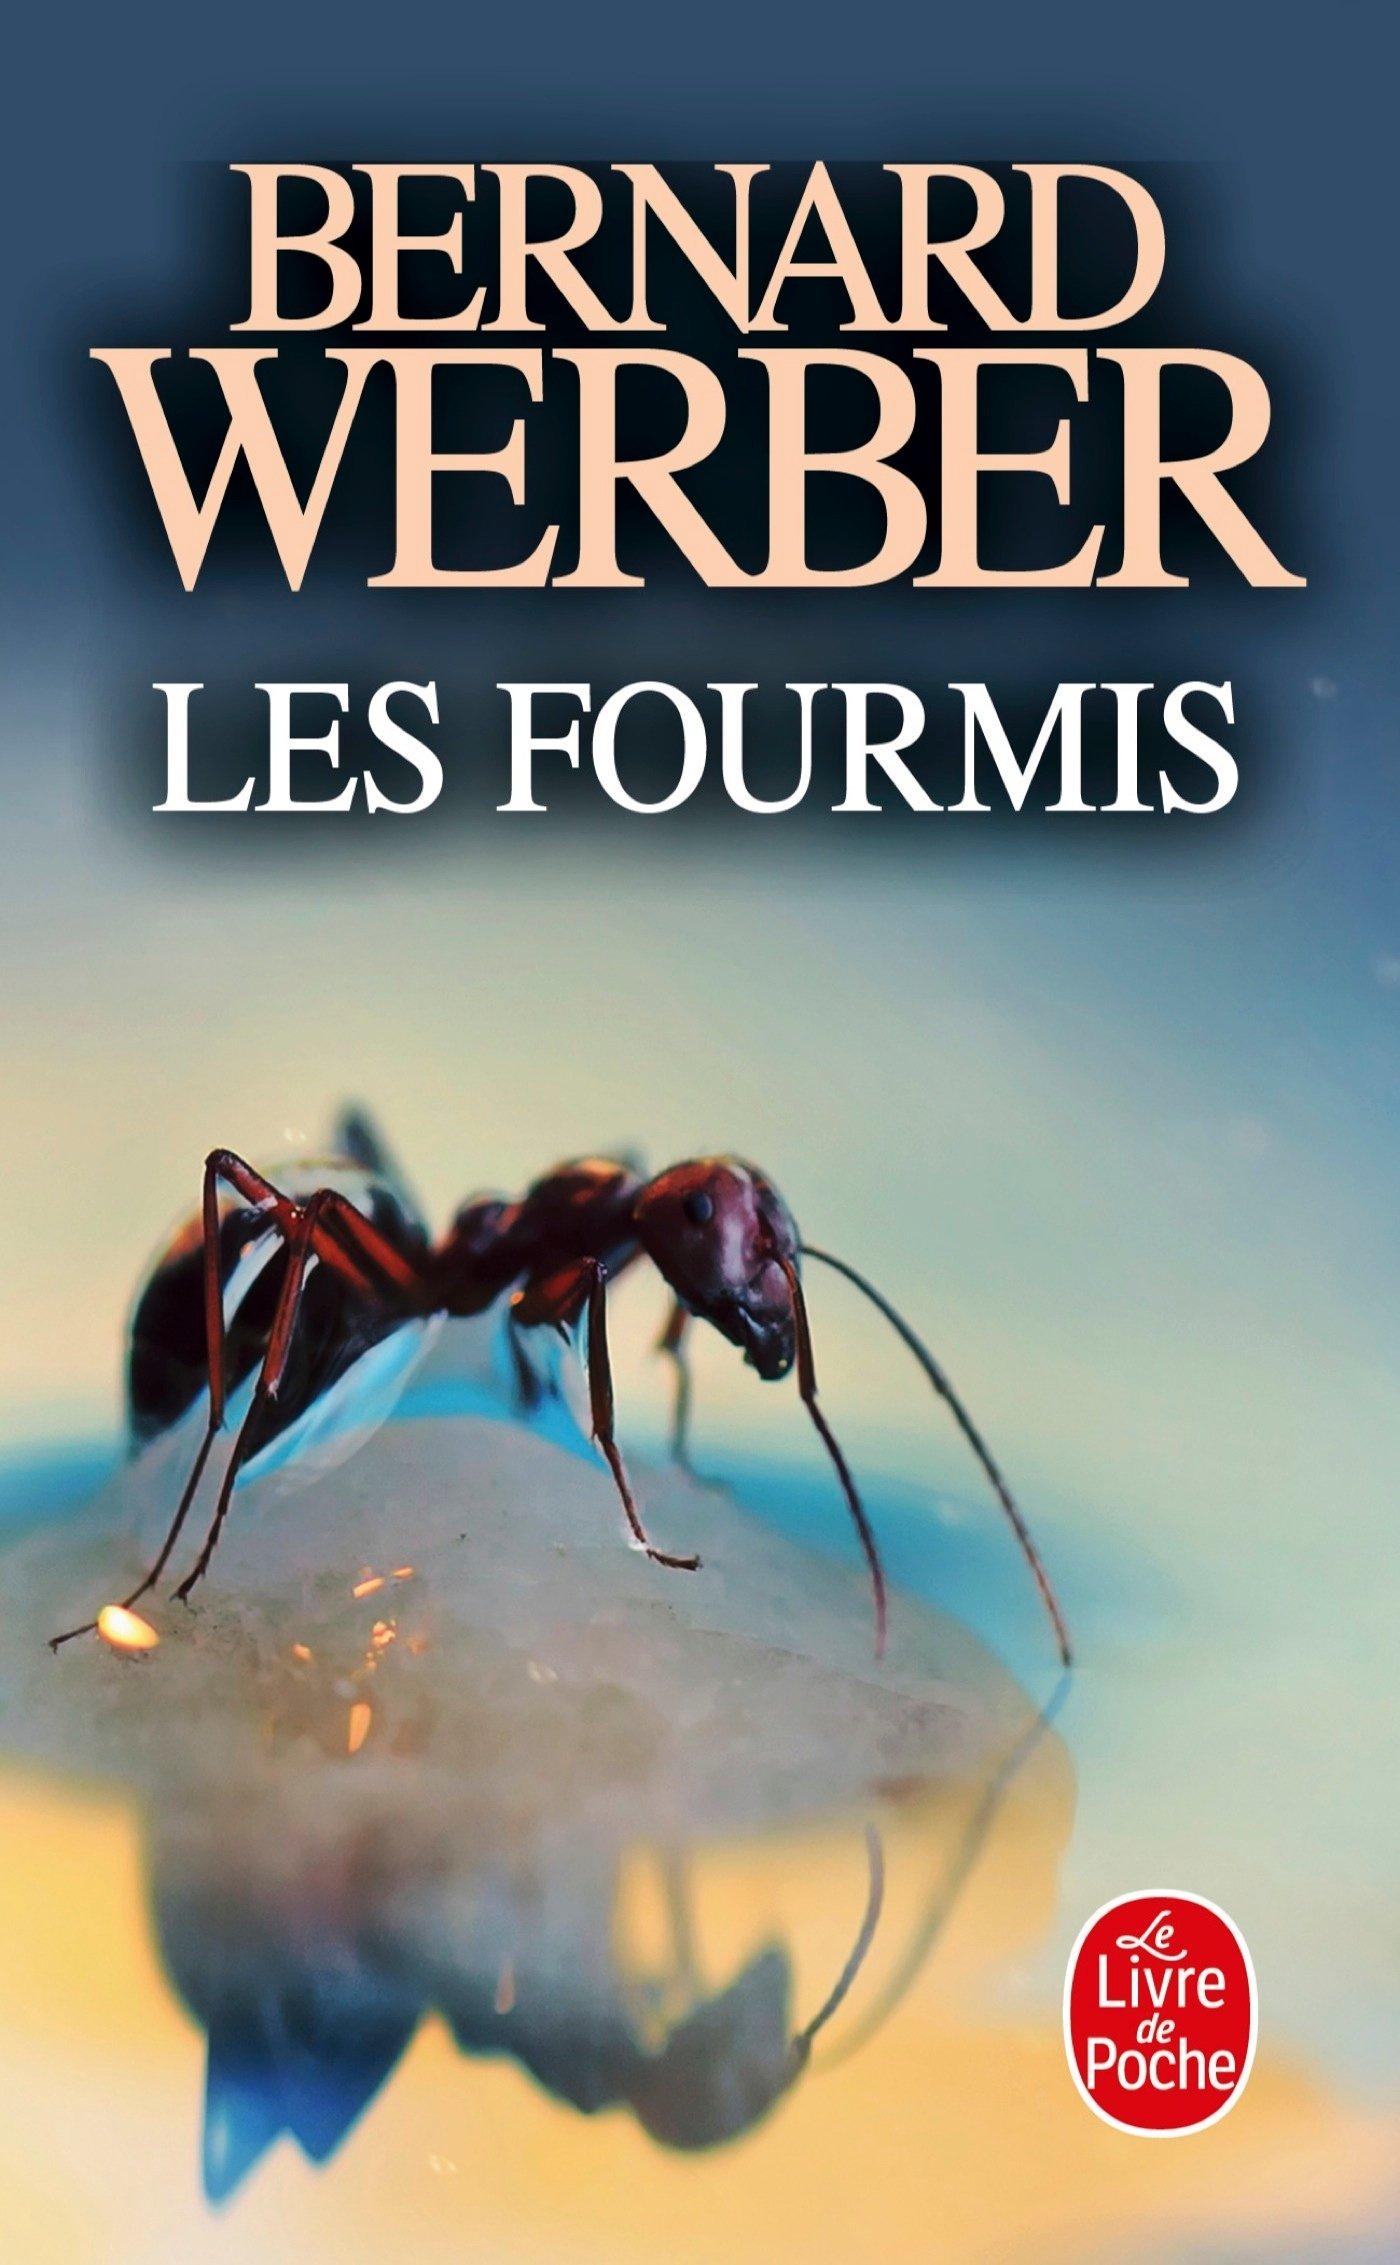 Les Fourmis Les Fourmis Tome 1 Le Livre De Poche